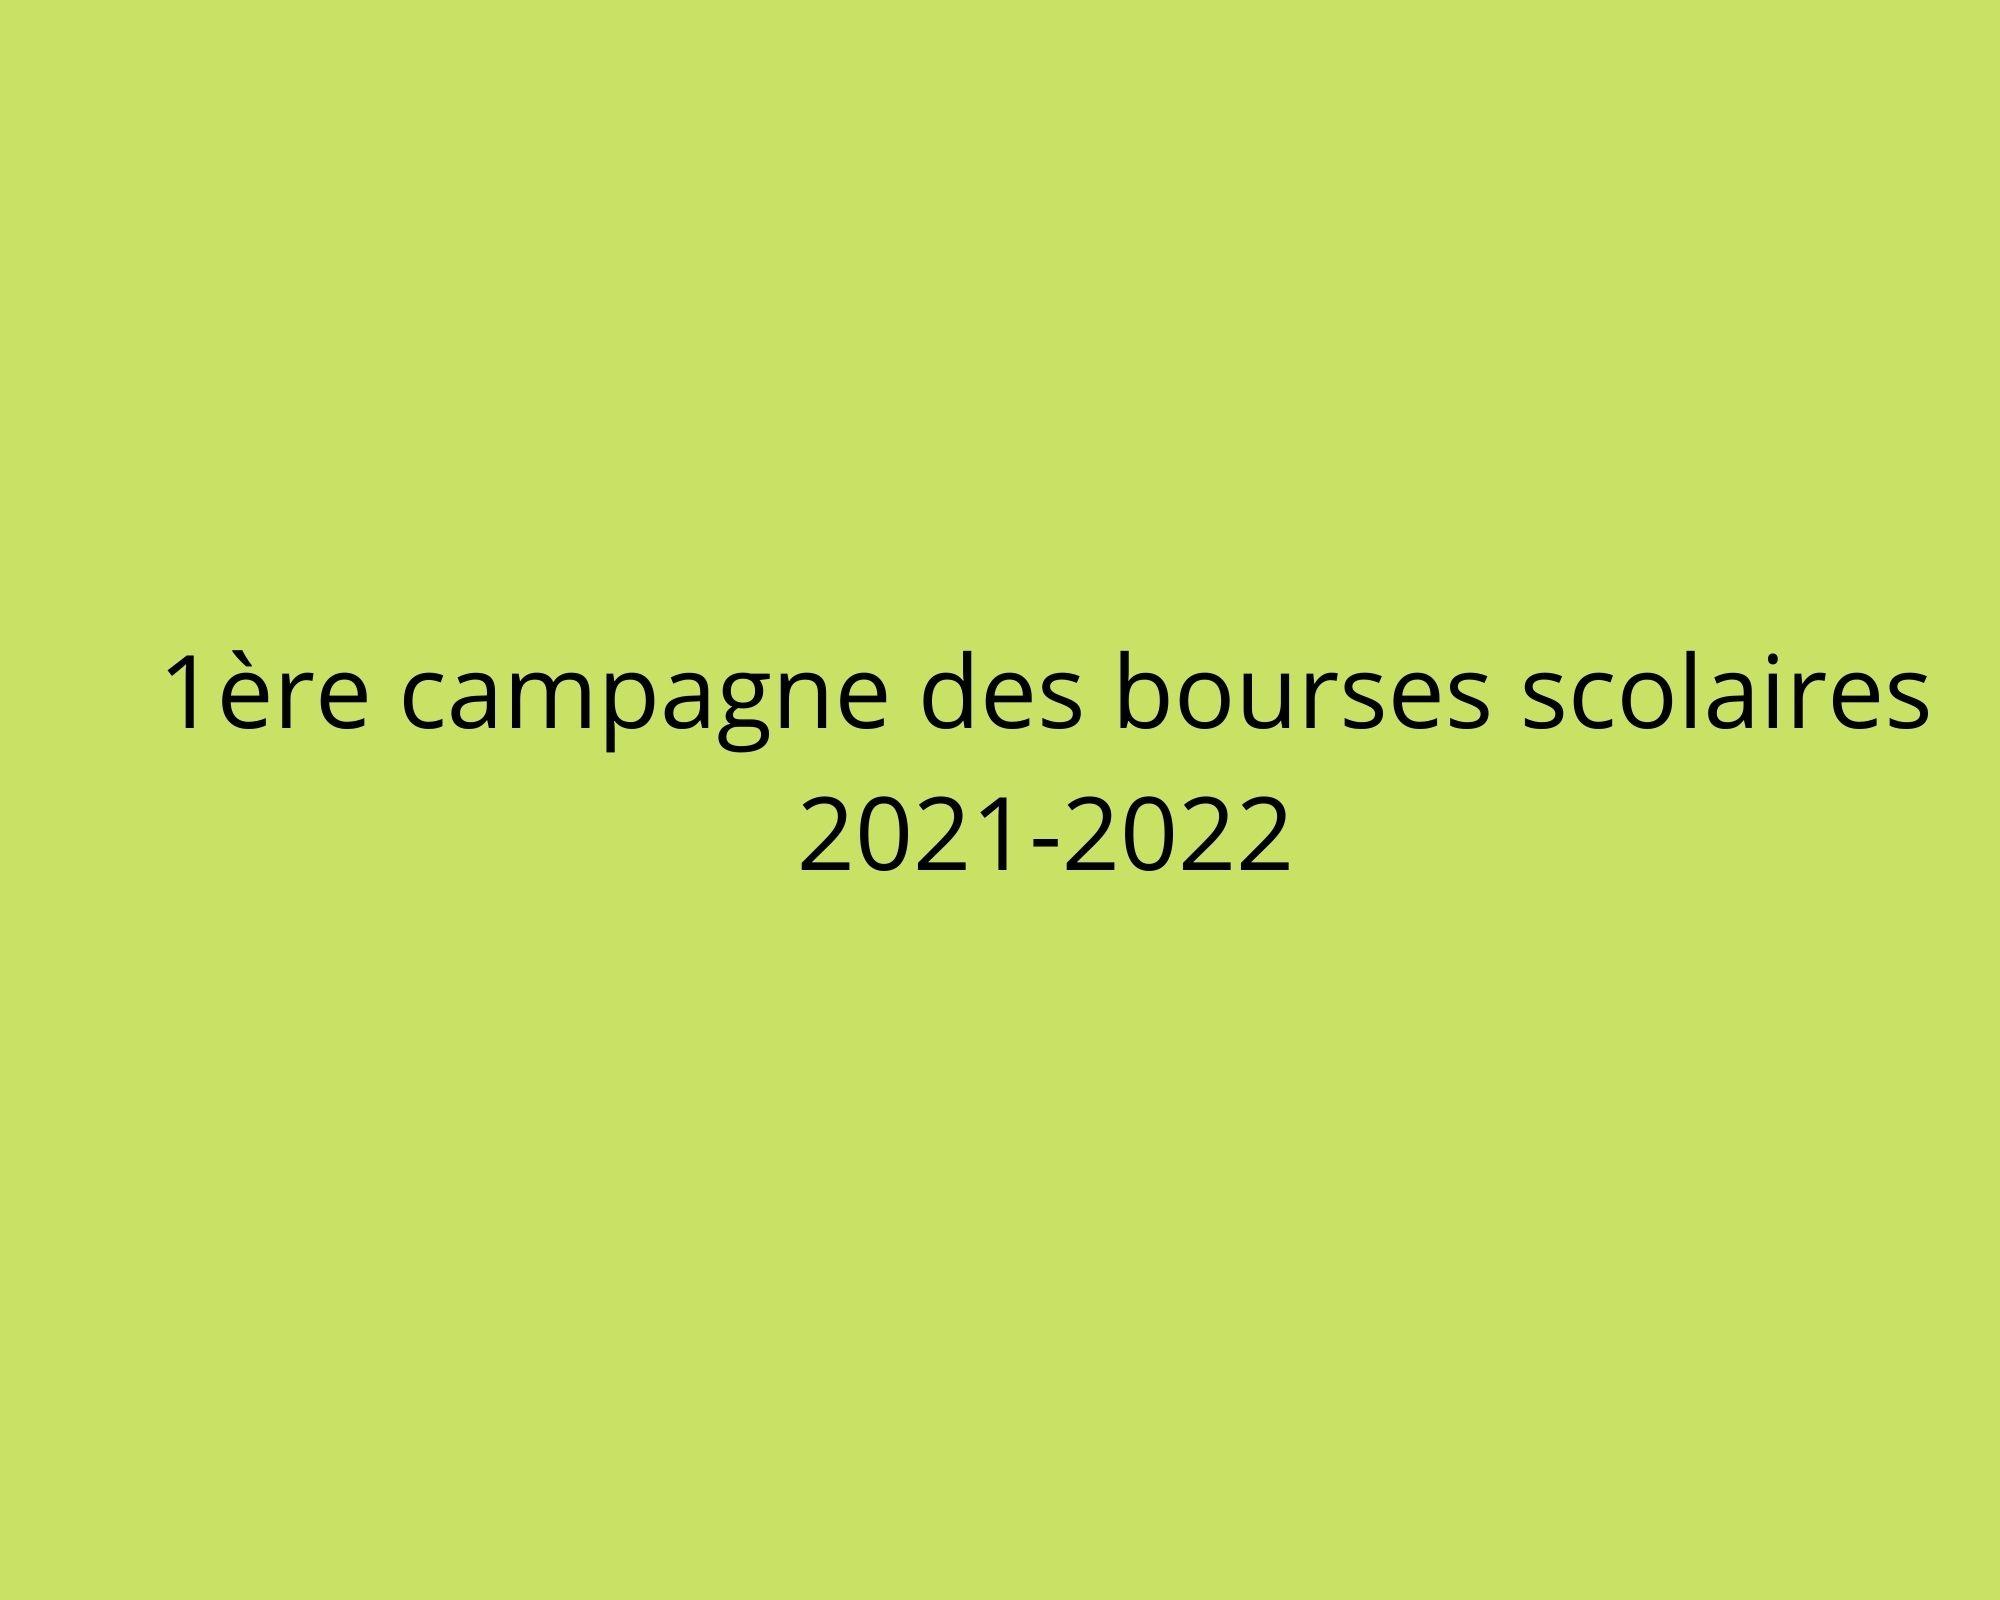 1ère campagne des bourses scolaires 2021/2022